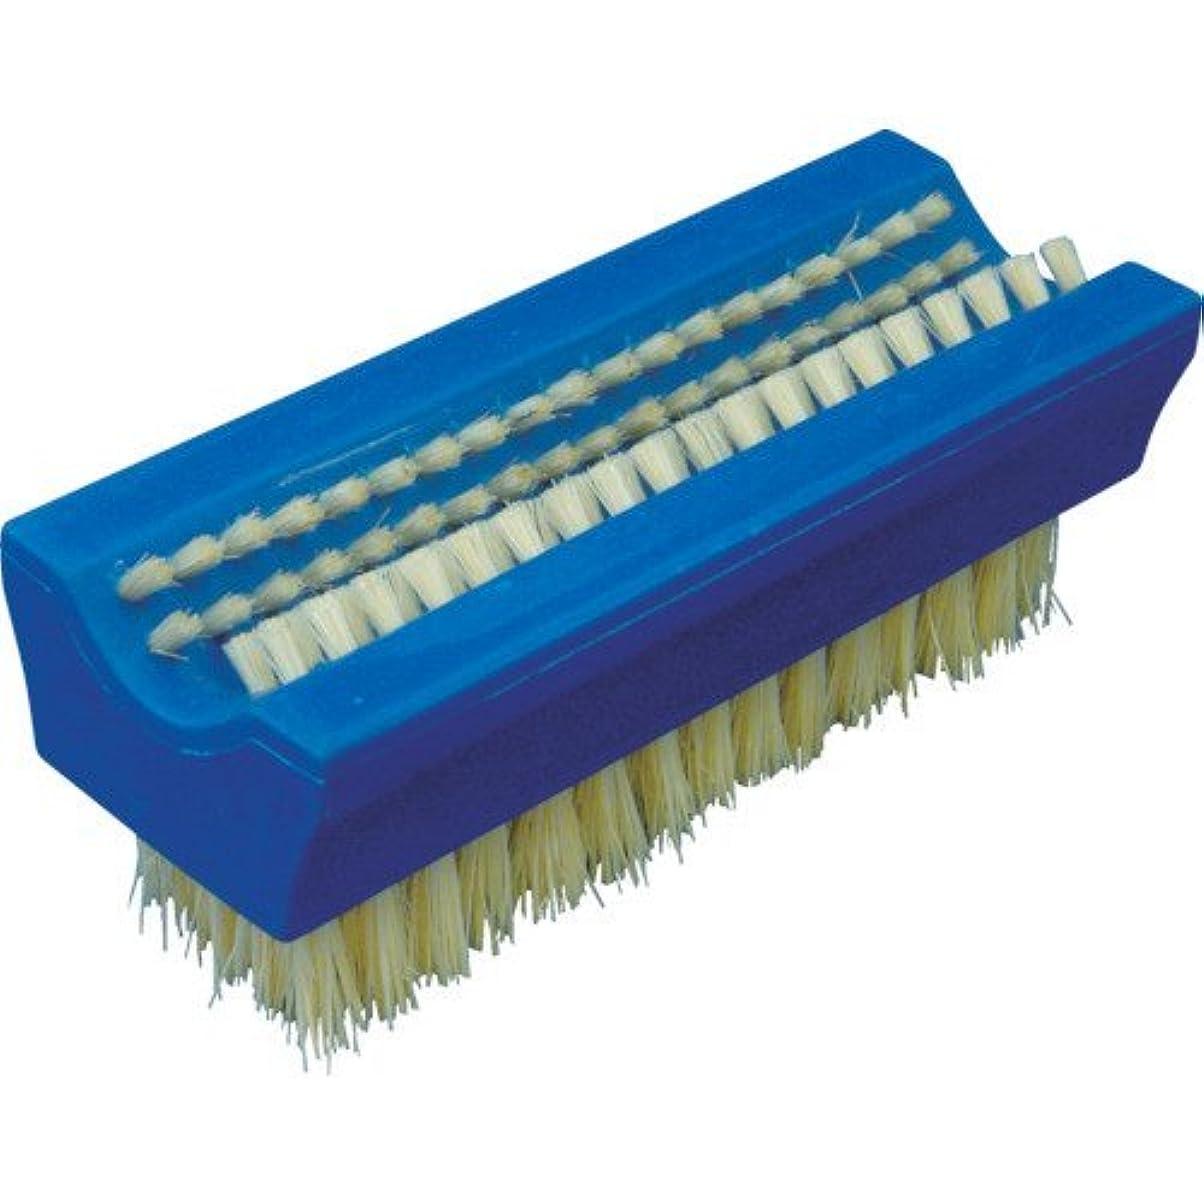 インストール廃棄するつばクロダブラシ ネイル&ハンドブラシP(1ダース入) NHP011DZ